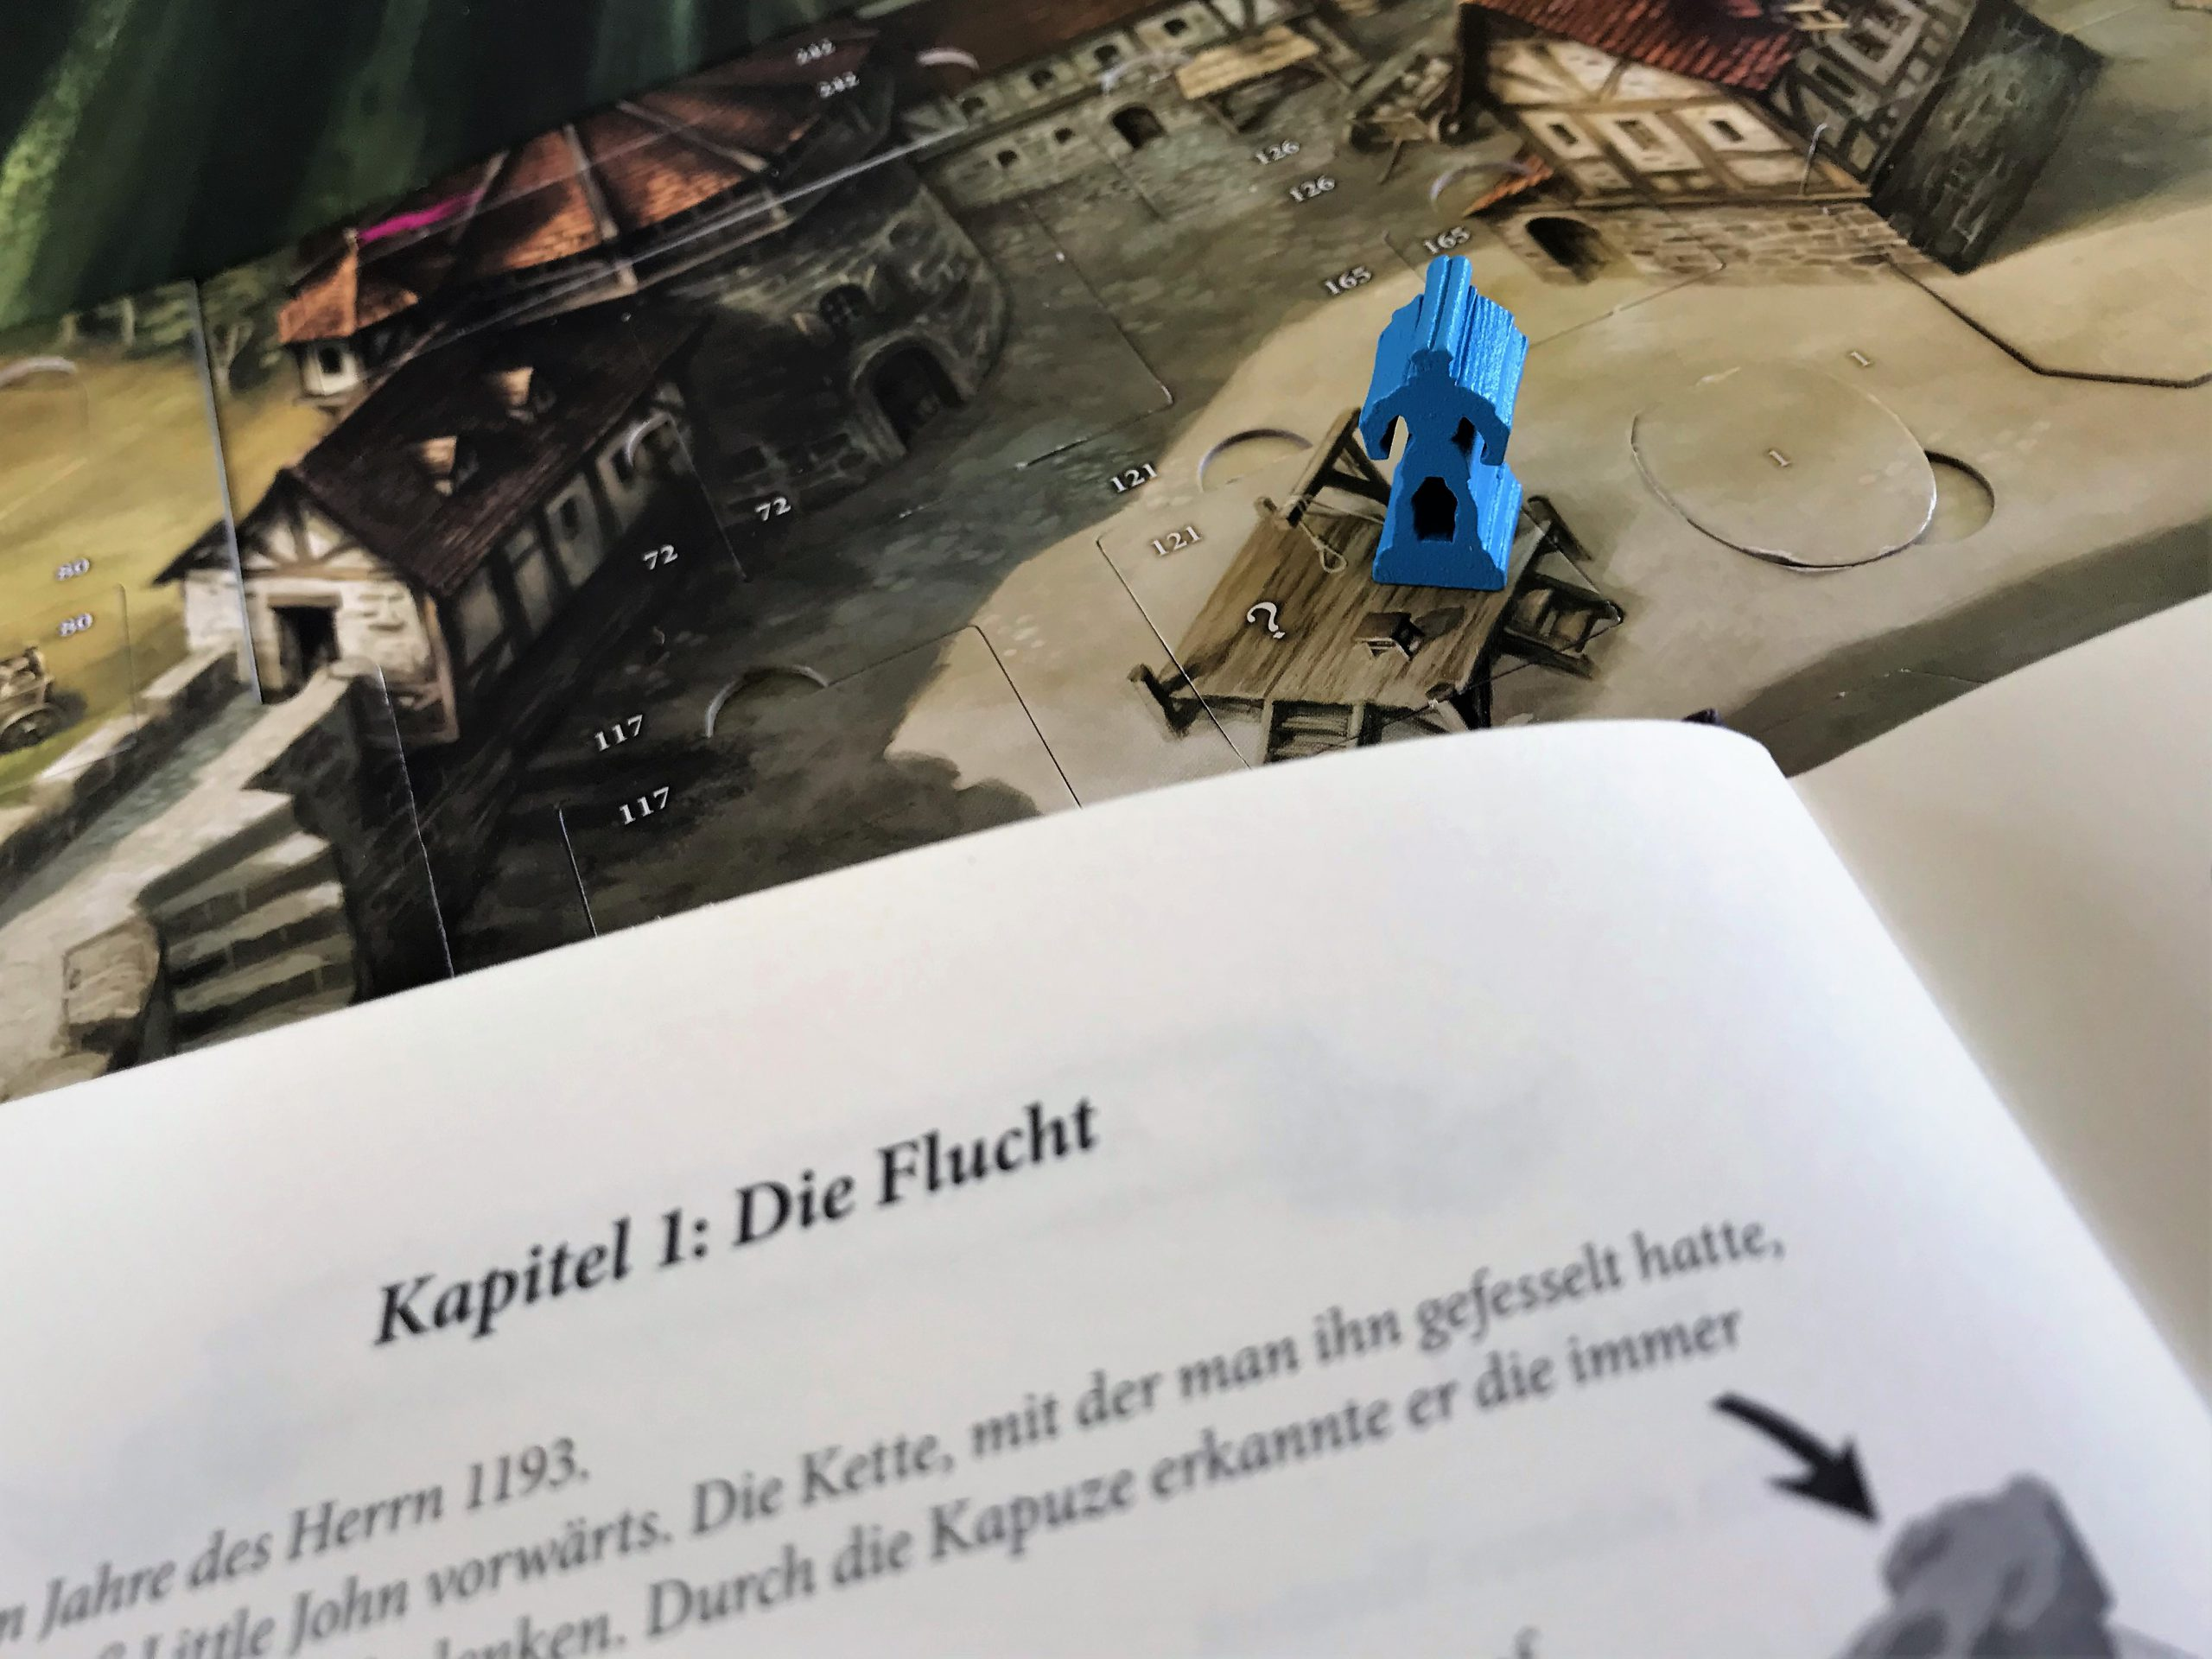 Das Abenteuerbuch erklärt genau, was zu tun ist.